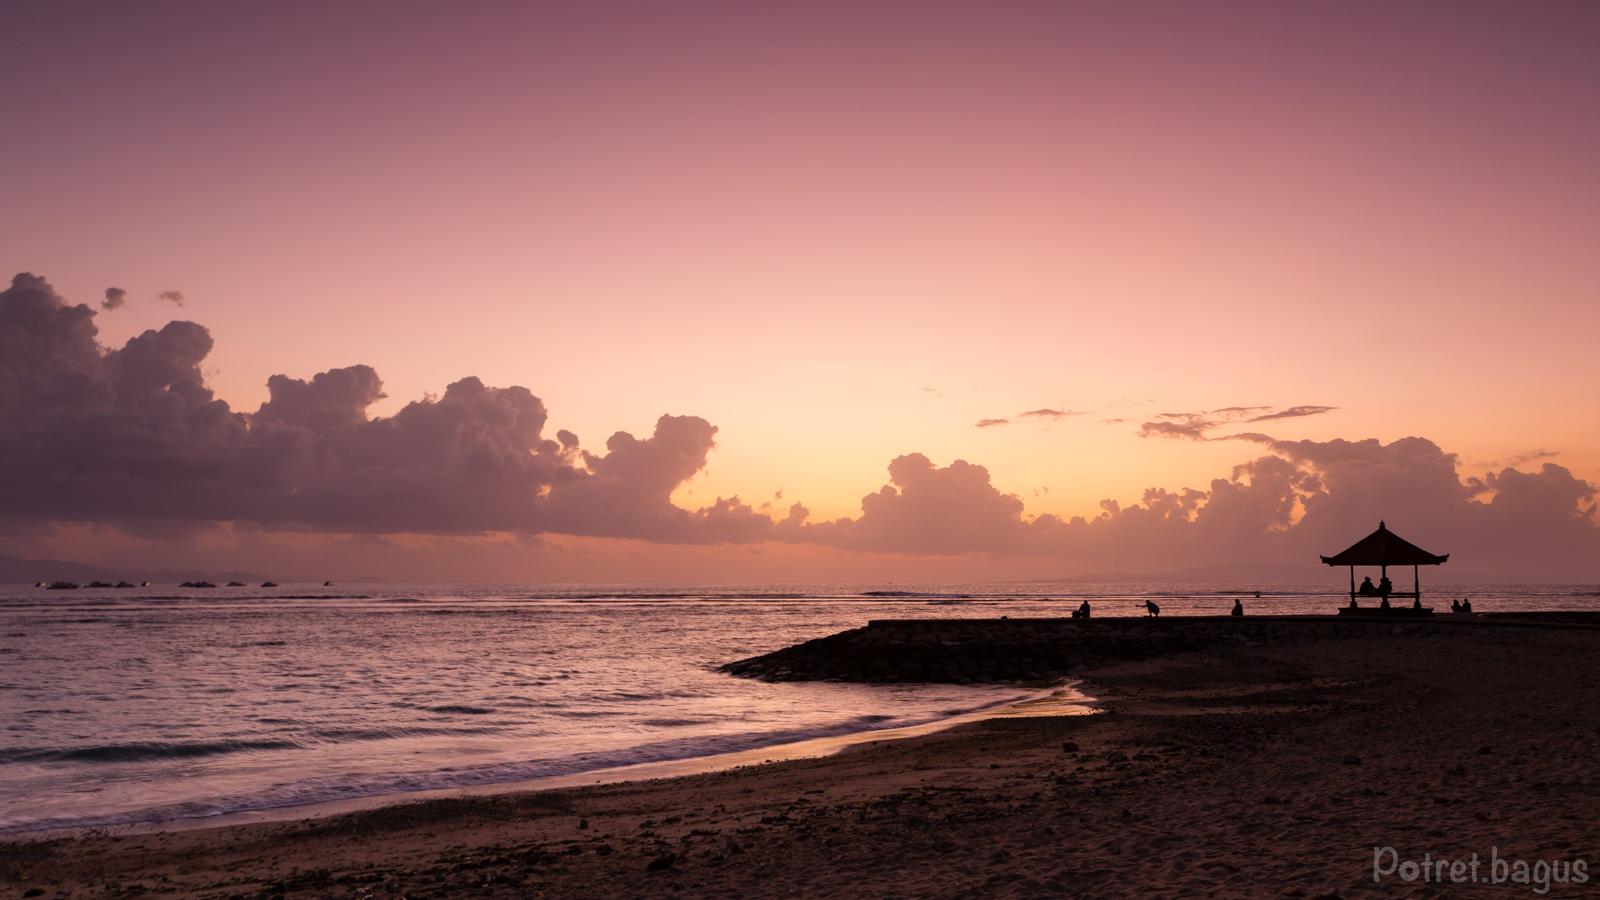 Sunrise at Sanur Beach - potret bagus